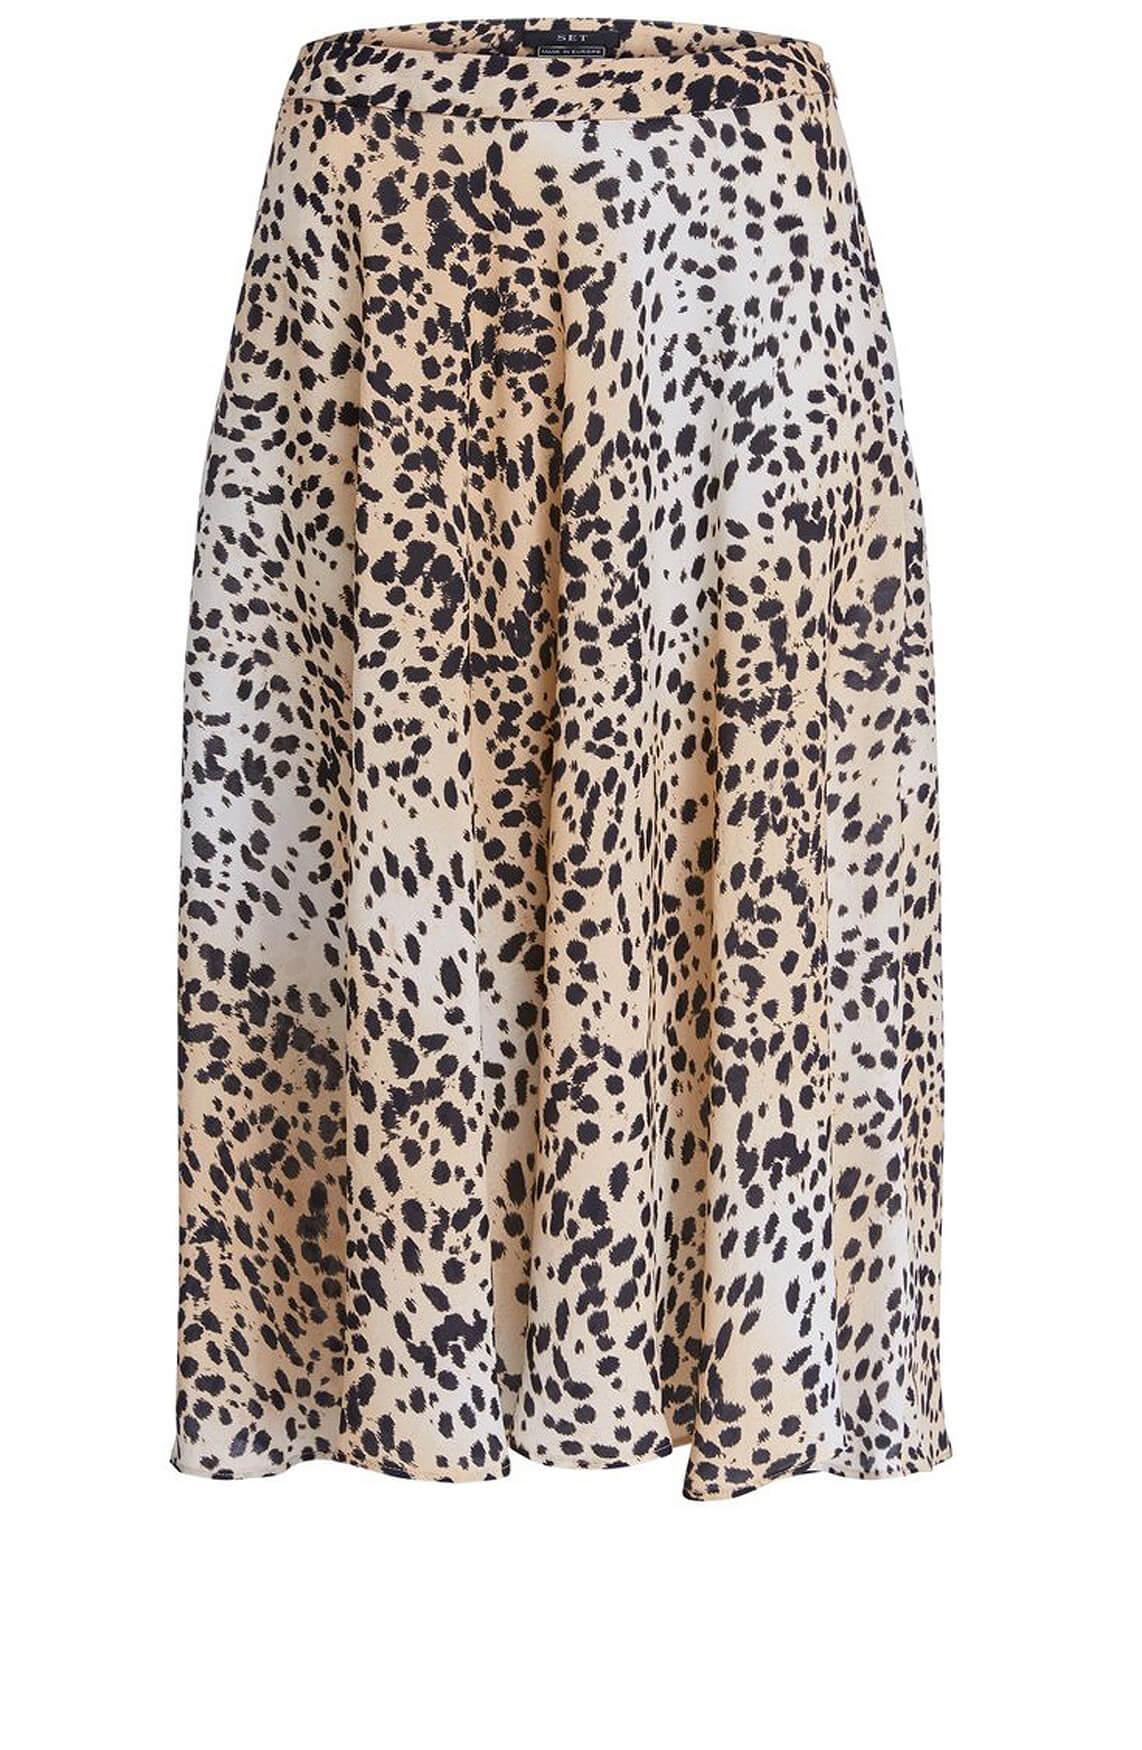 Set Dames Leopard rok zwart